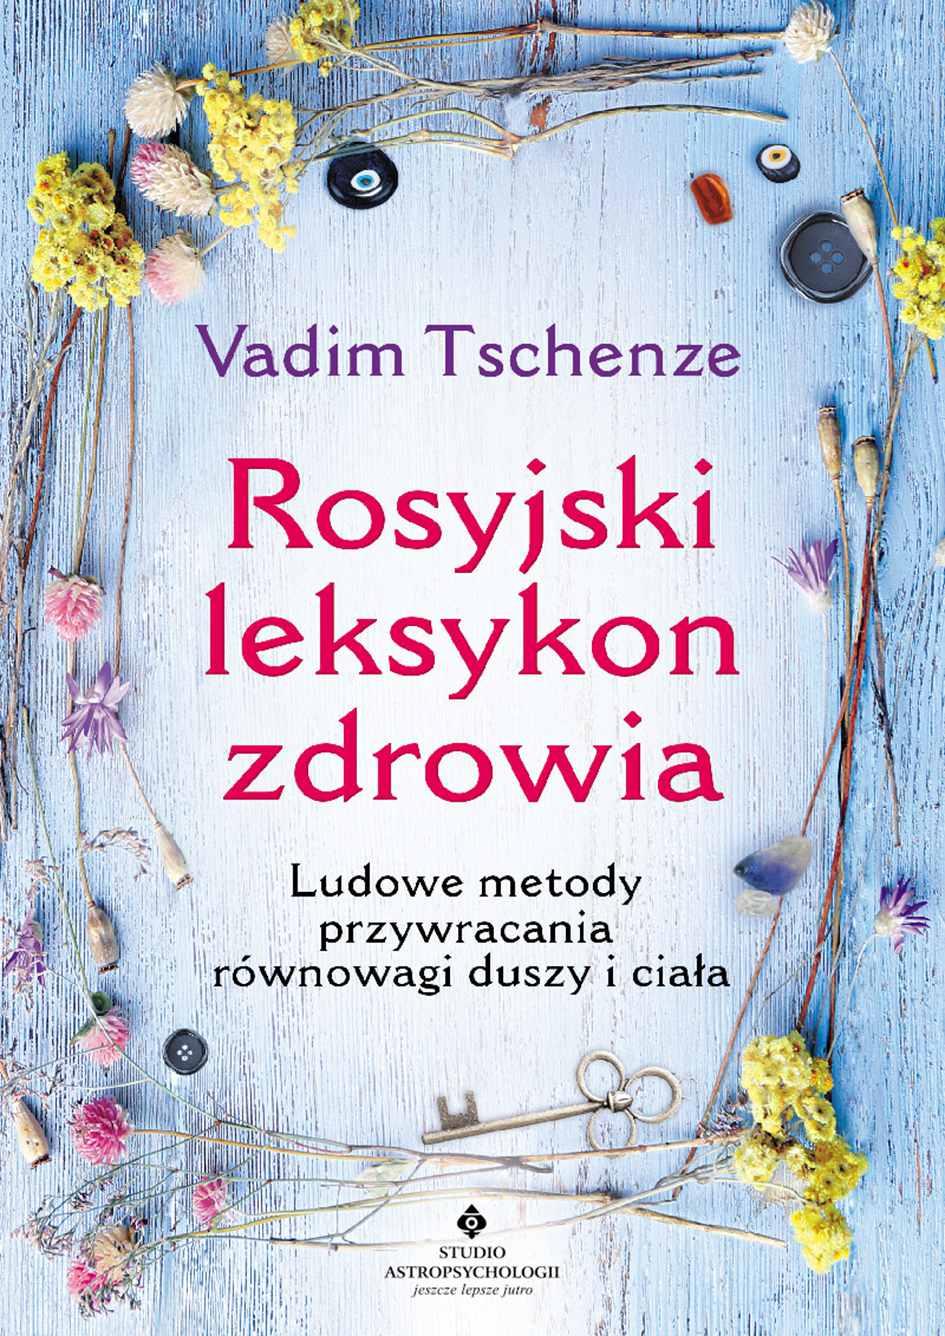 Rosyjski leksykon zdrowia. Ludowe metody przywracania równowagi duszy i ciała - Ebook (Książka PDF) do pobrania w formacie PDF